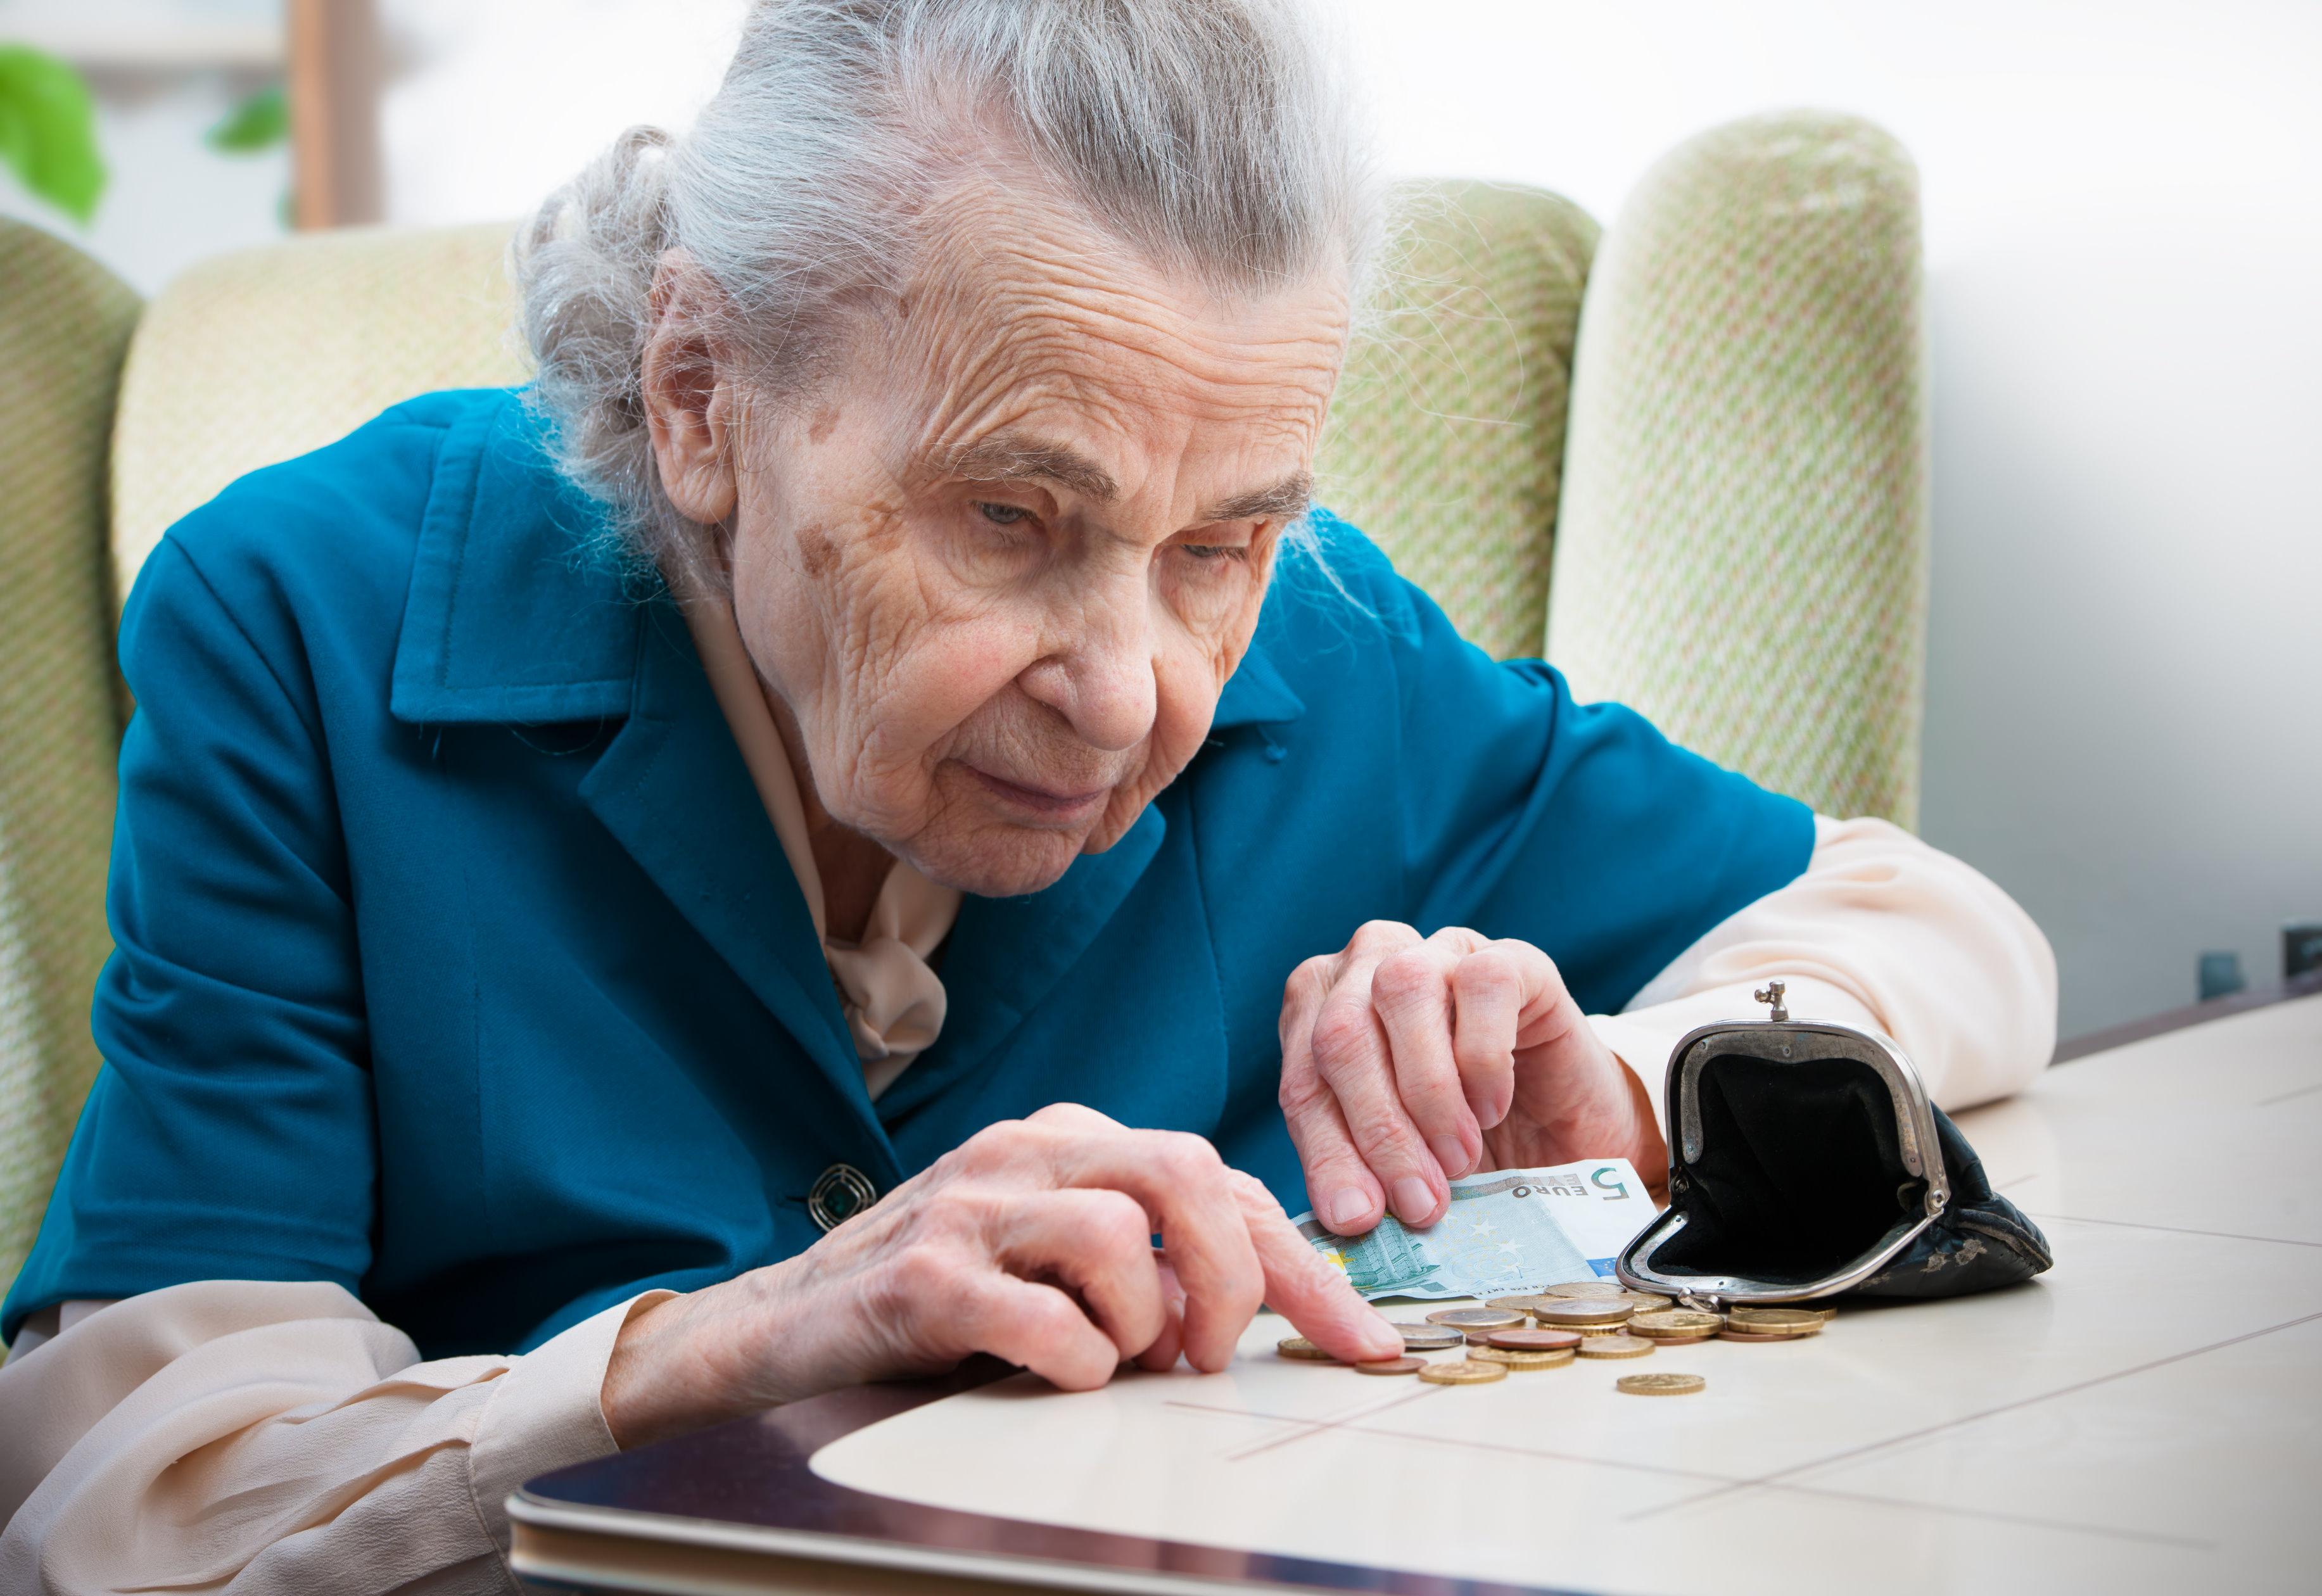 Компенсация за отпуск при расчете пенсии